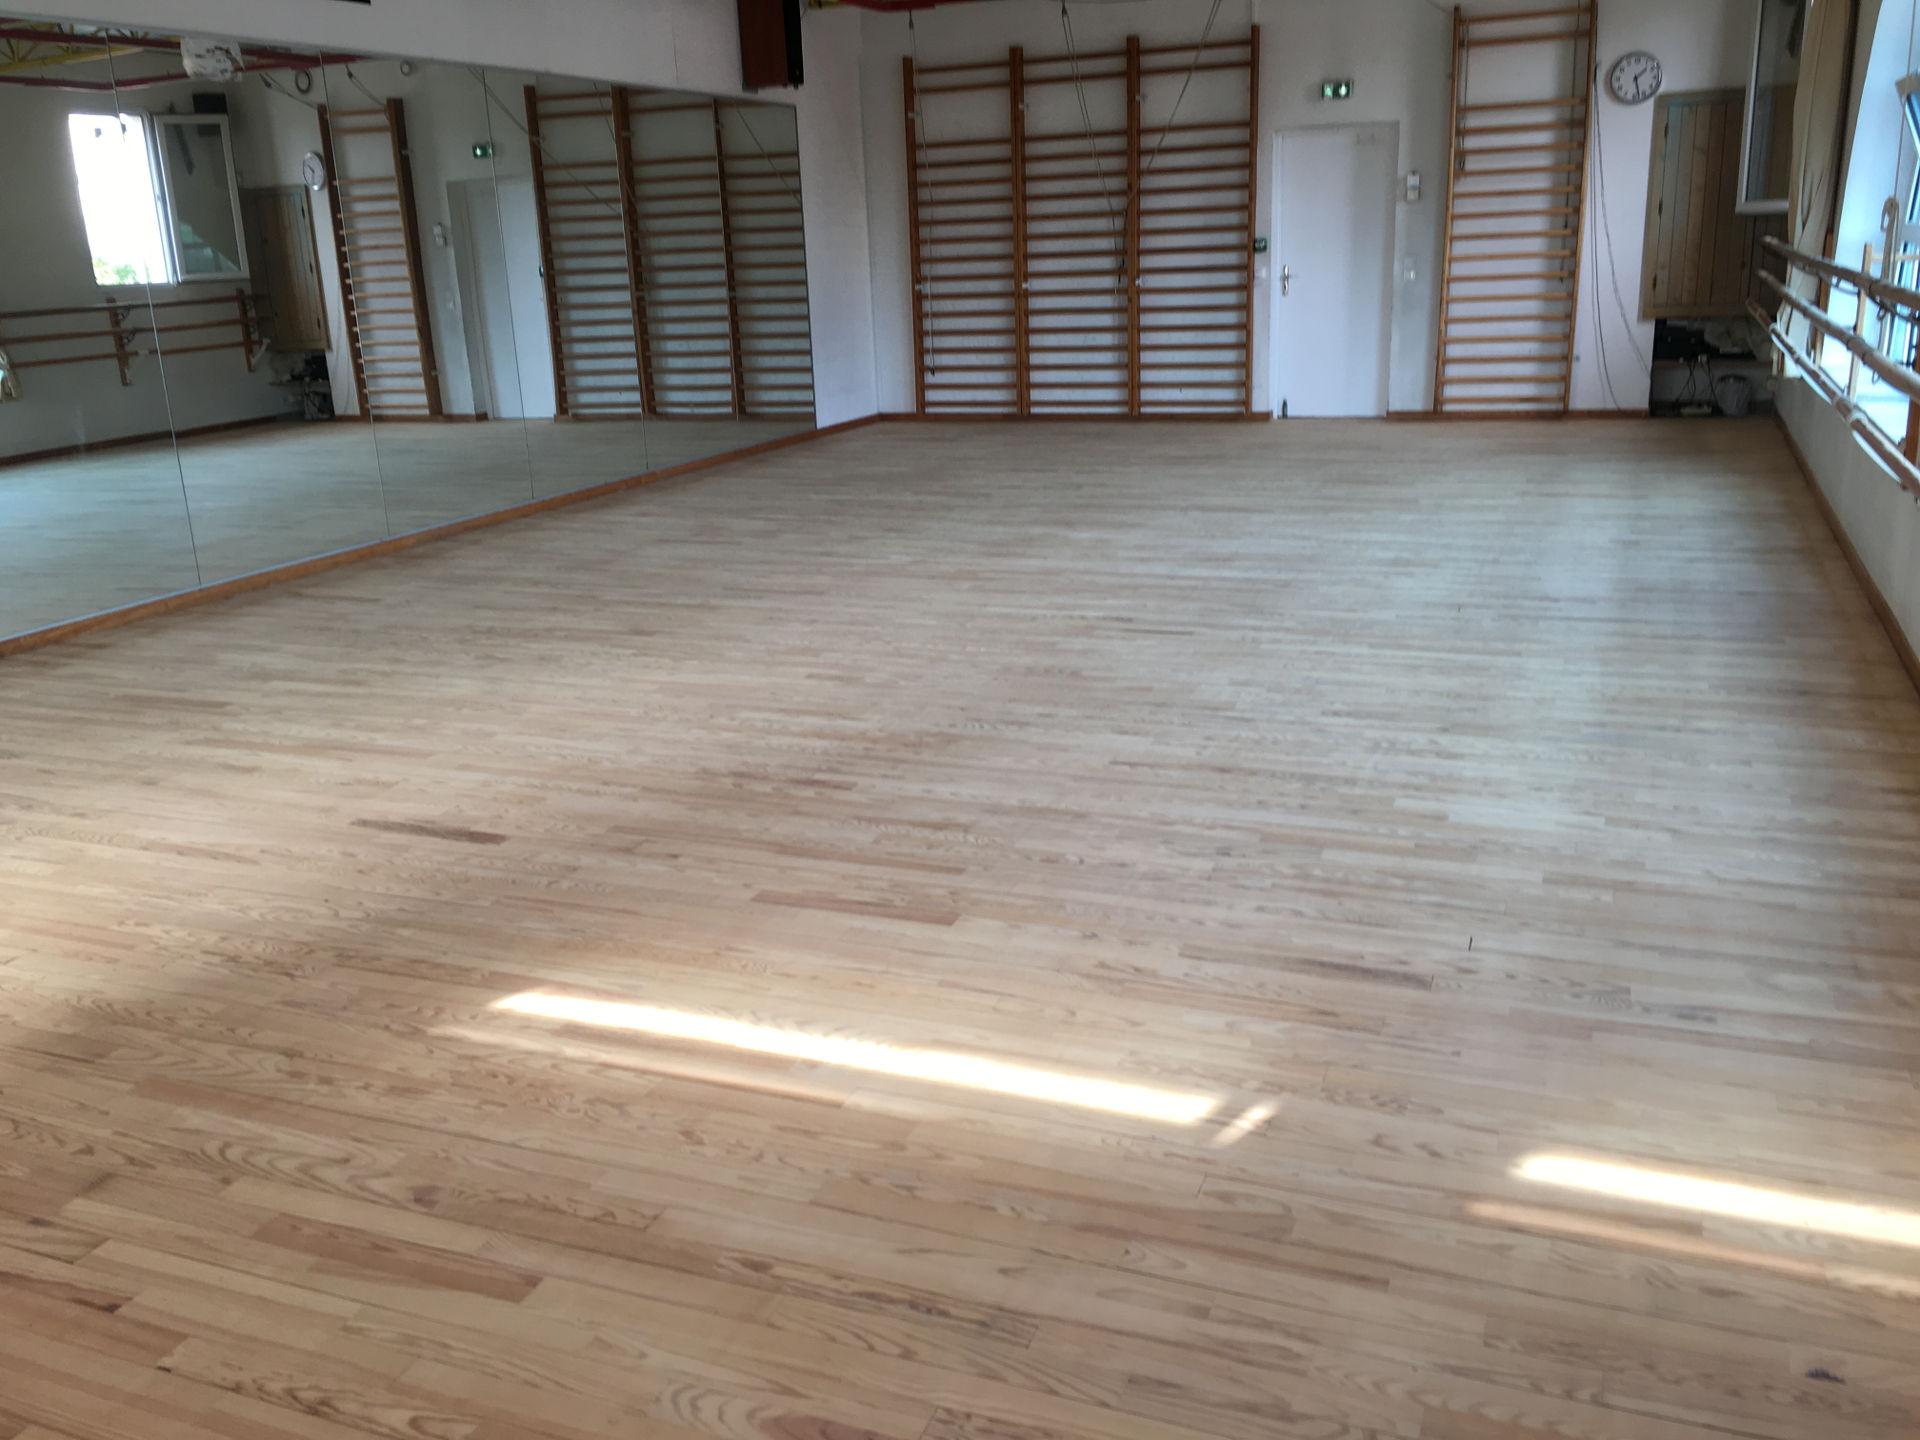 Réfection salle de danse Saint-Jean de Vedas